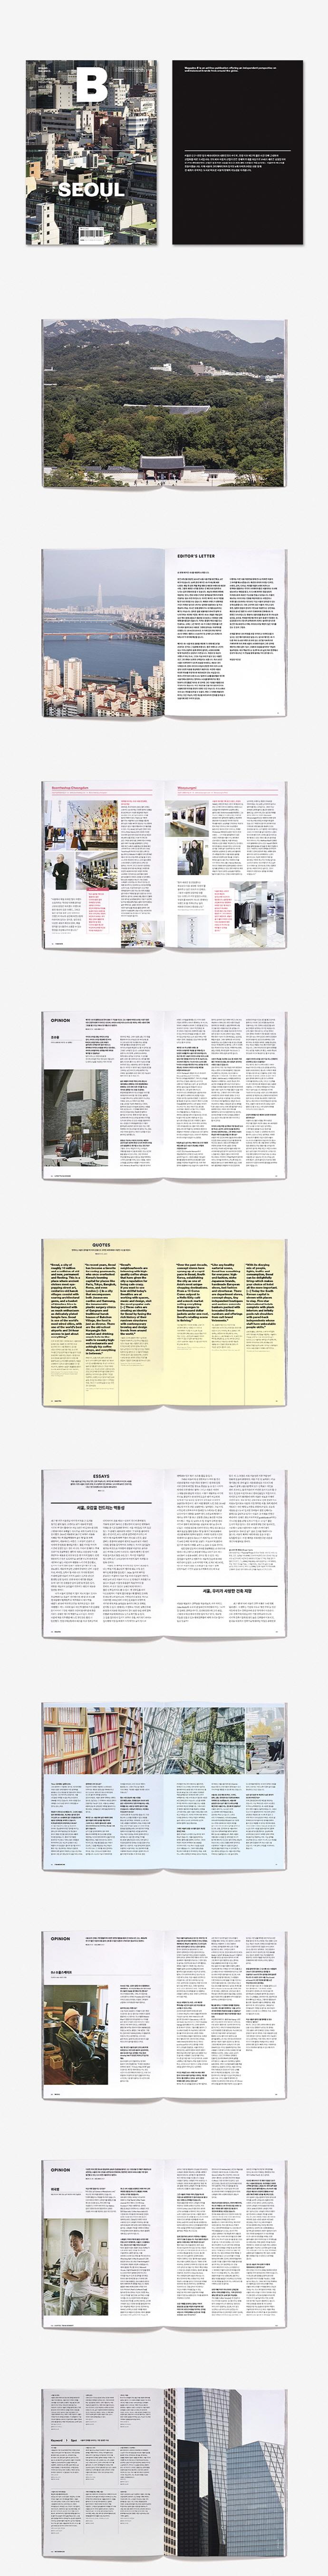 매거진 B(Magazine B) No.50: Seoul(한글판)(Second Edition)(개정판) 도서 상세이미지